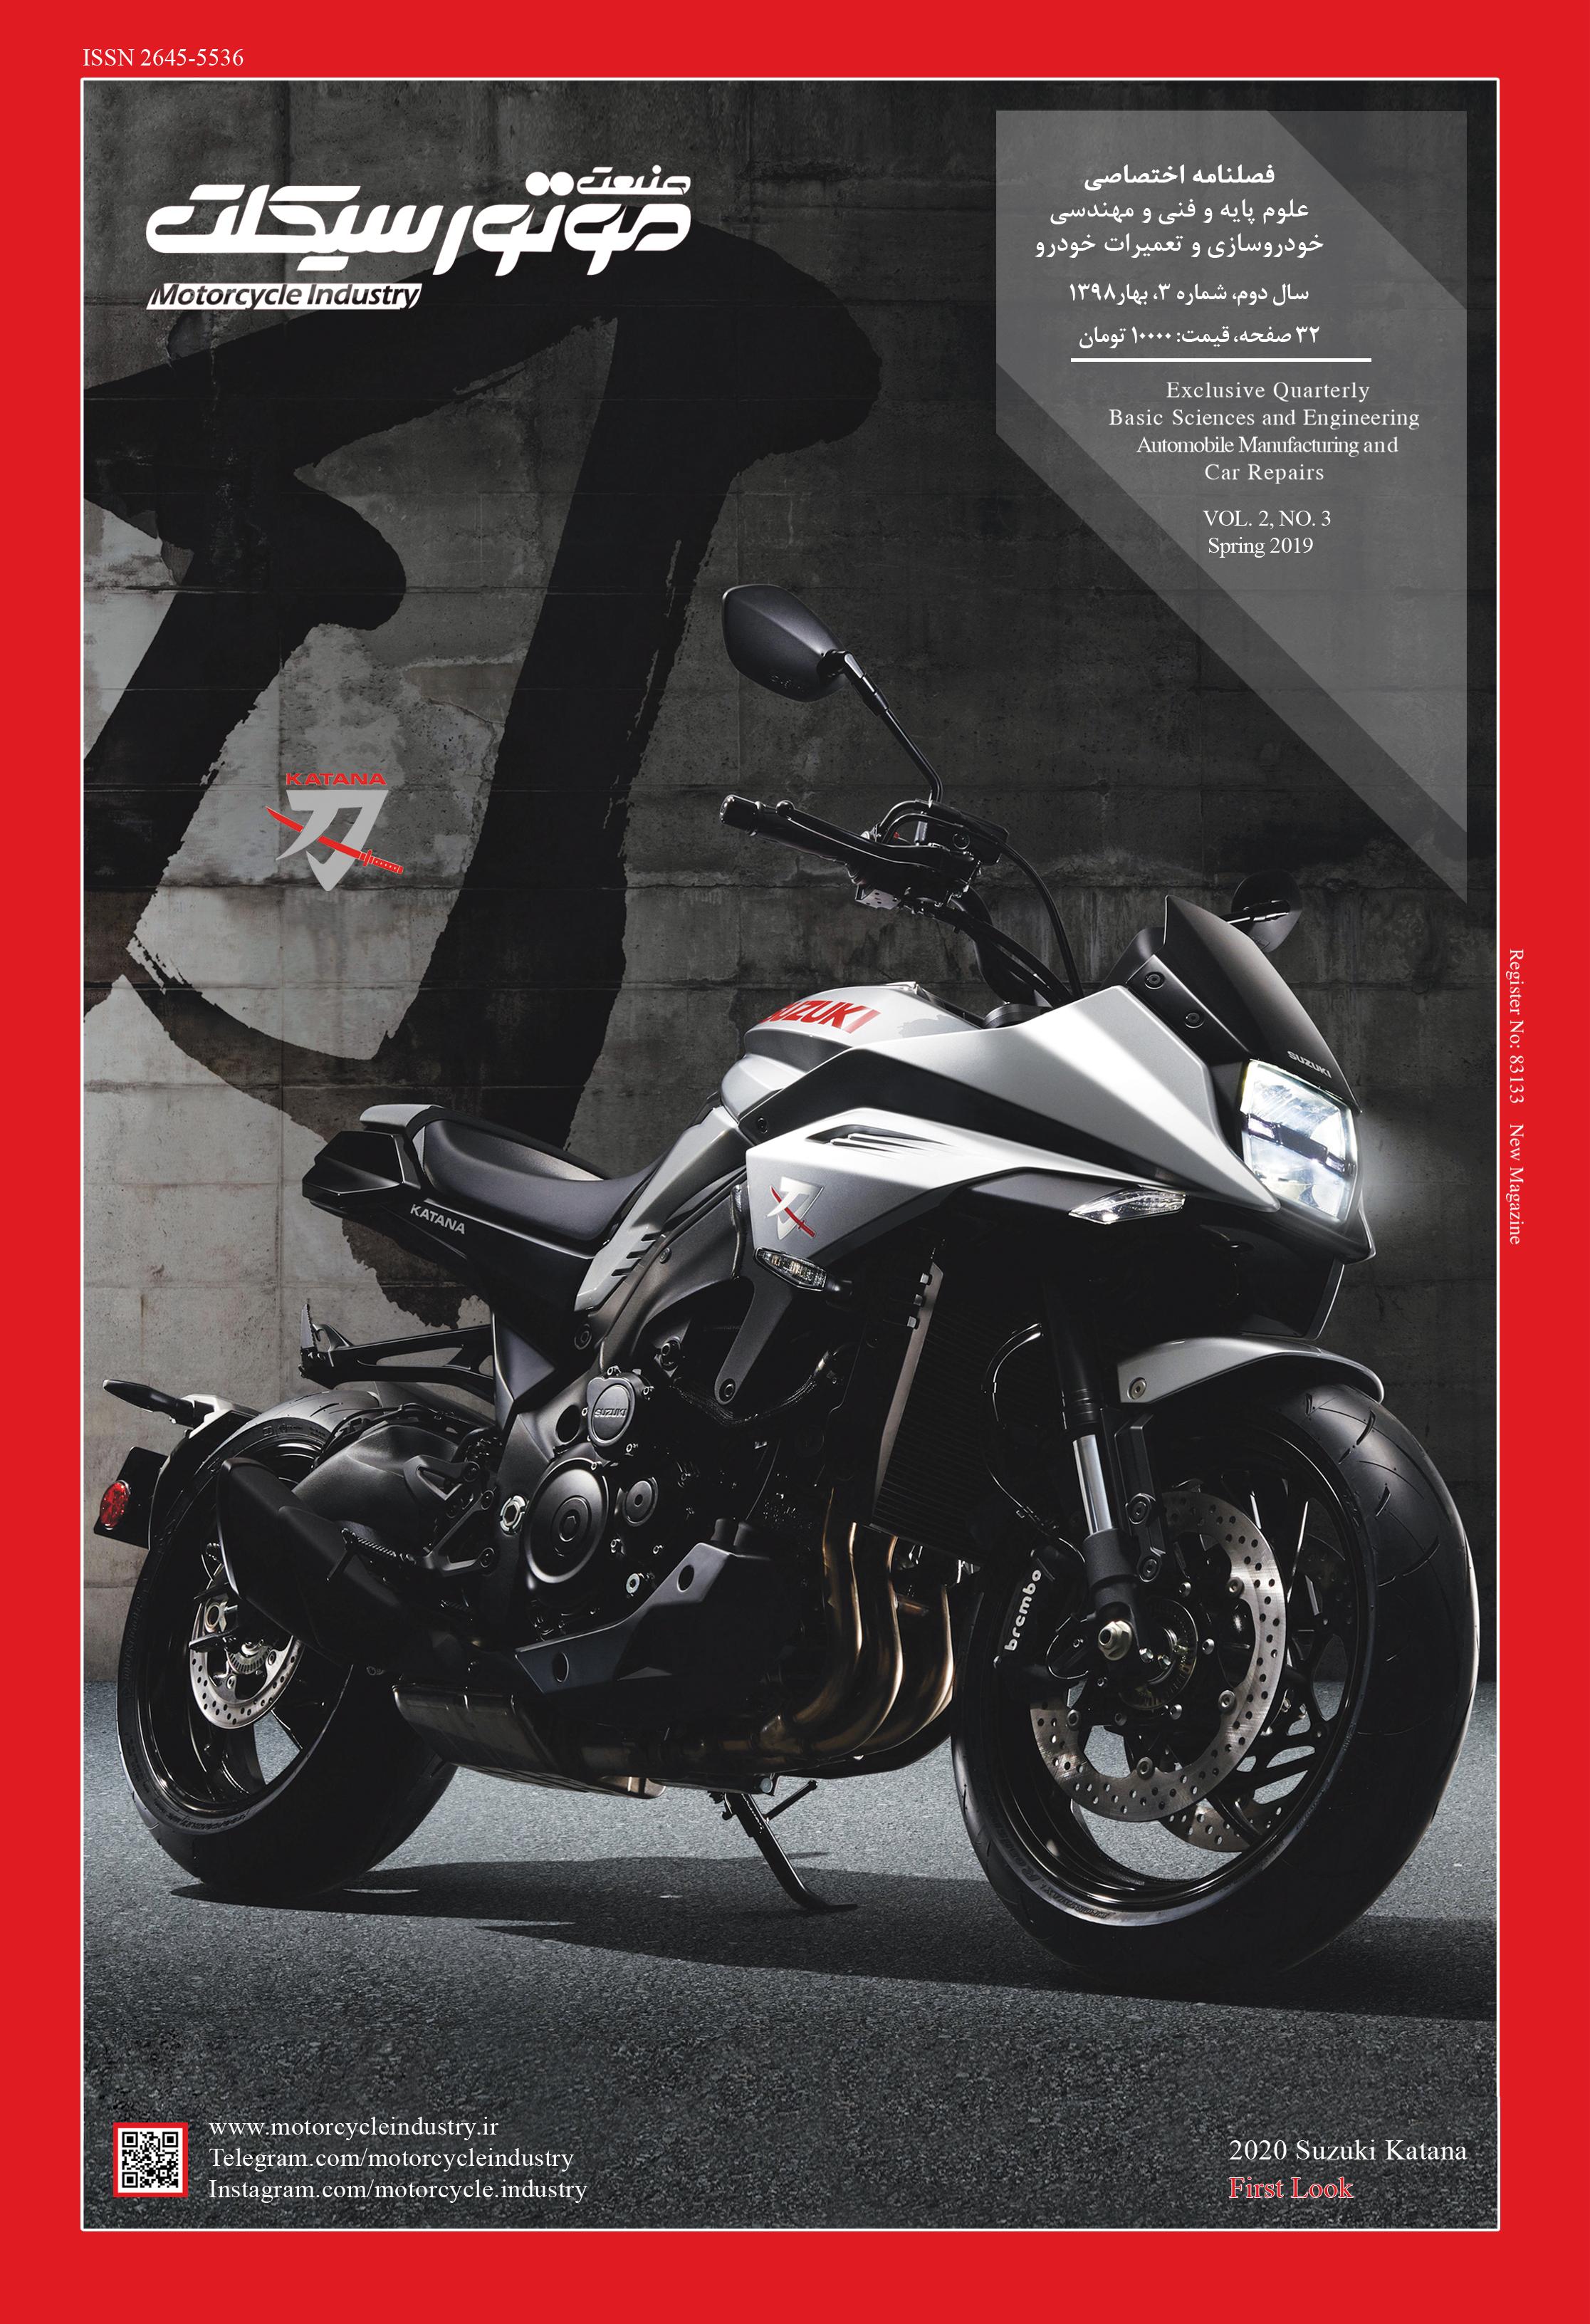 مجله صنعت موتورسیکلت، سال دوم، شماره۳، بهار۱۳۹۸